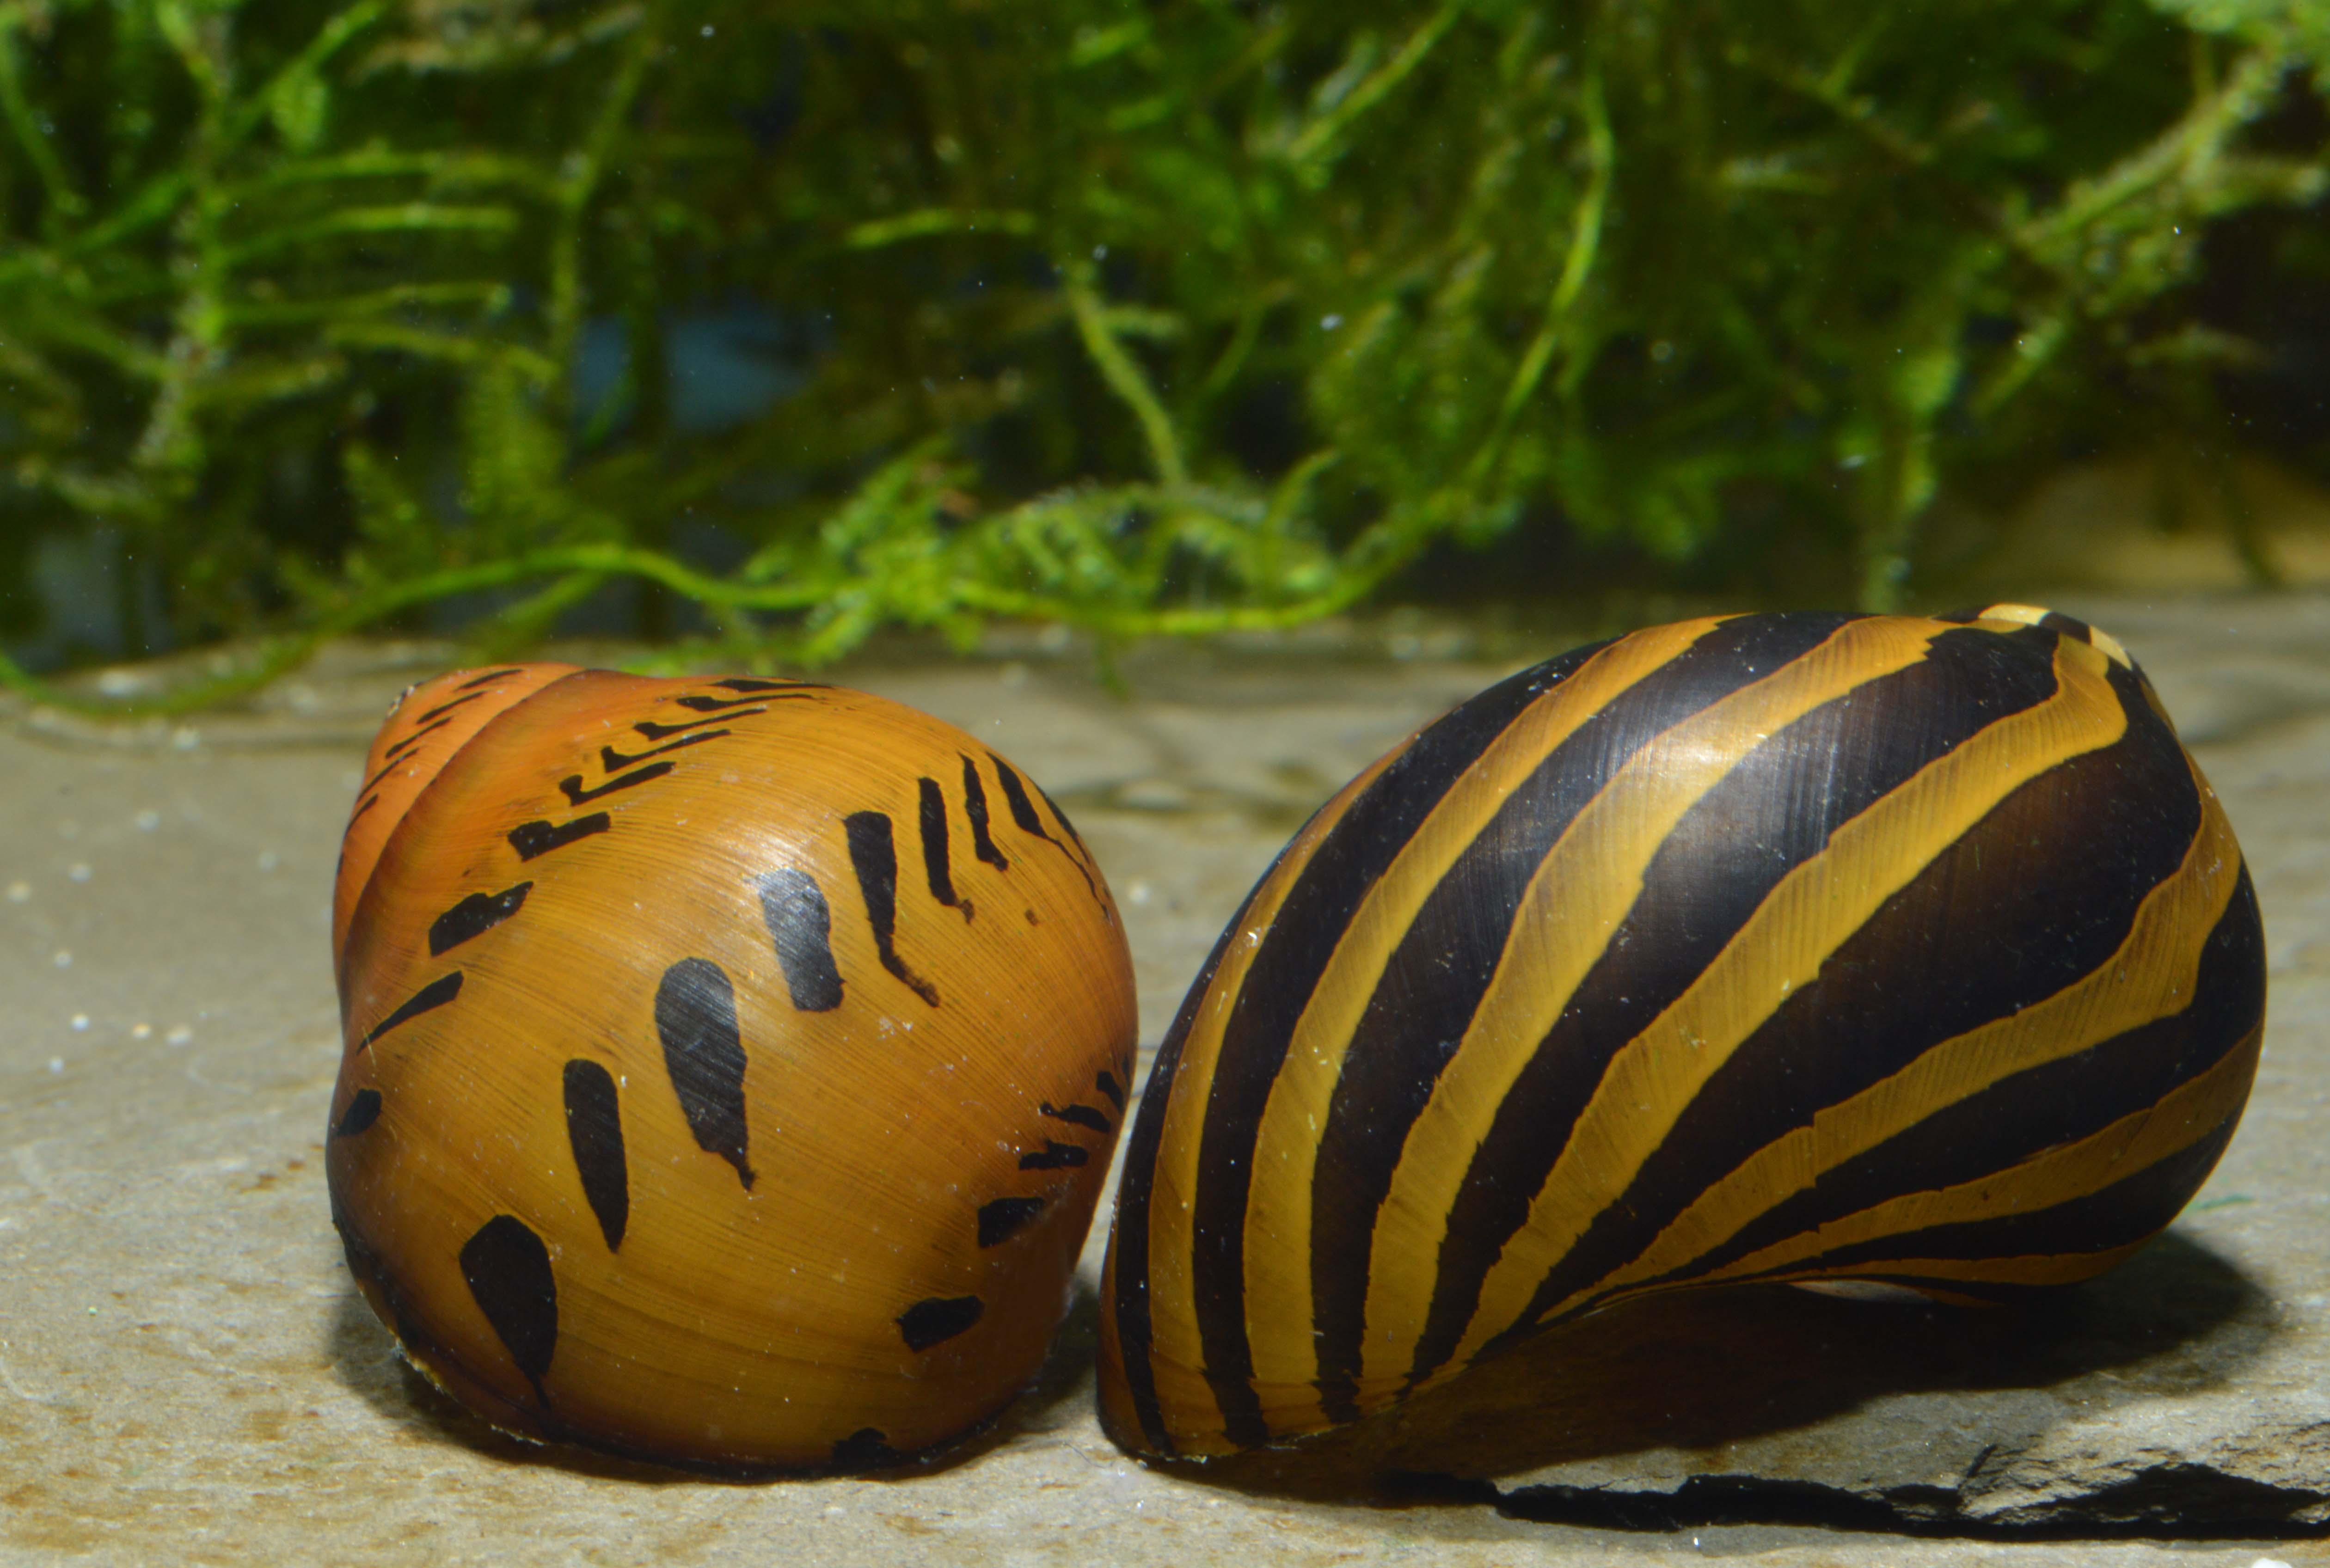 220: Schnecken fliehen aus dem Aquarium - Wieso, weshalb, warum? (Alexandra Behrendt) 4